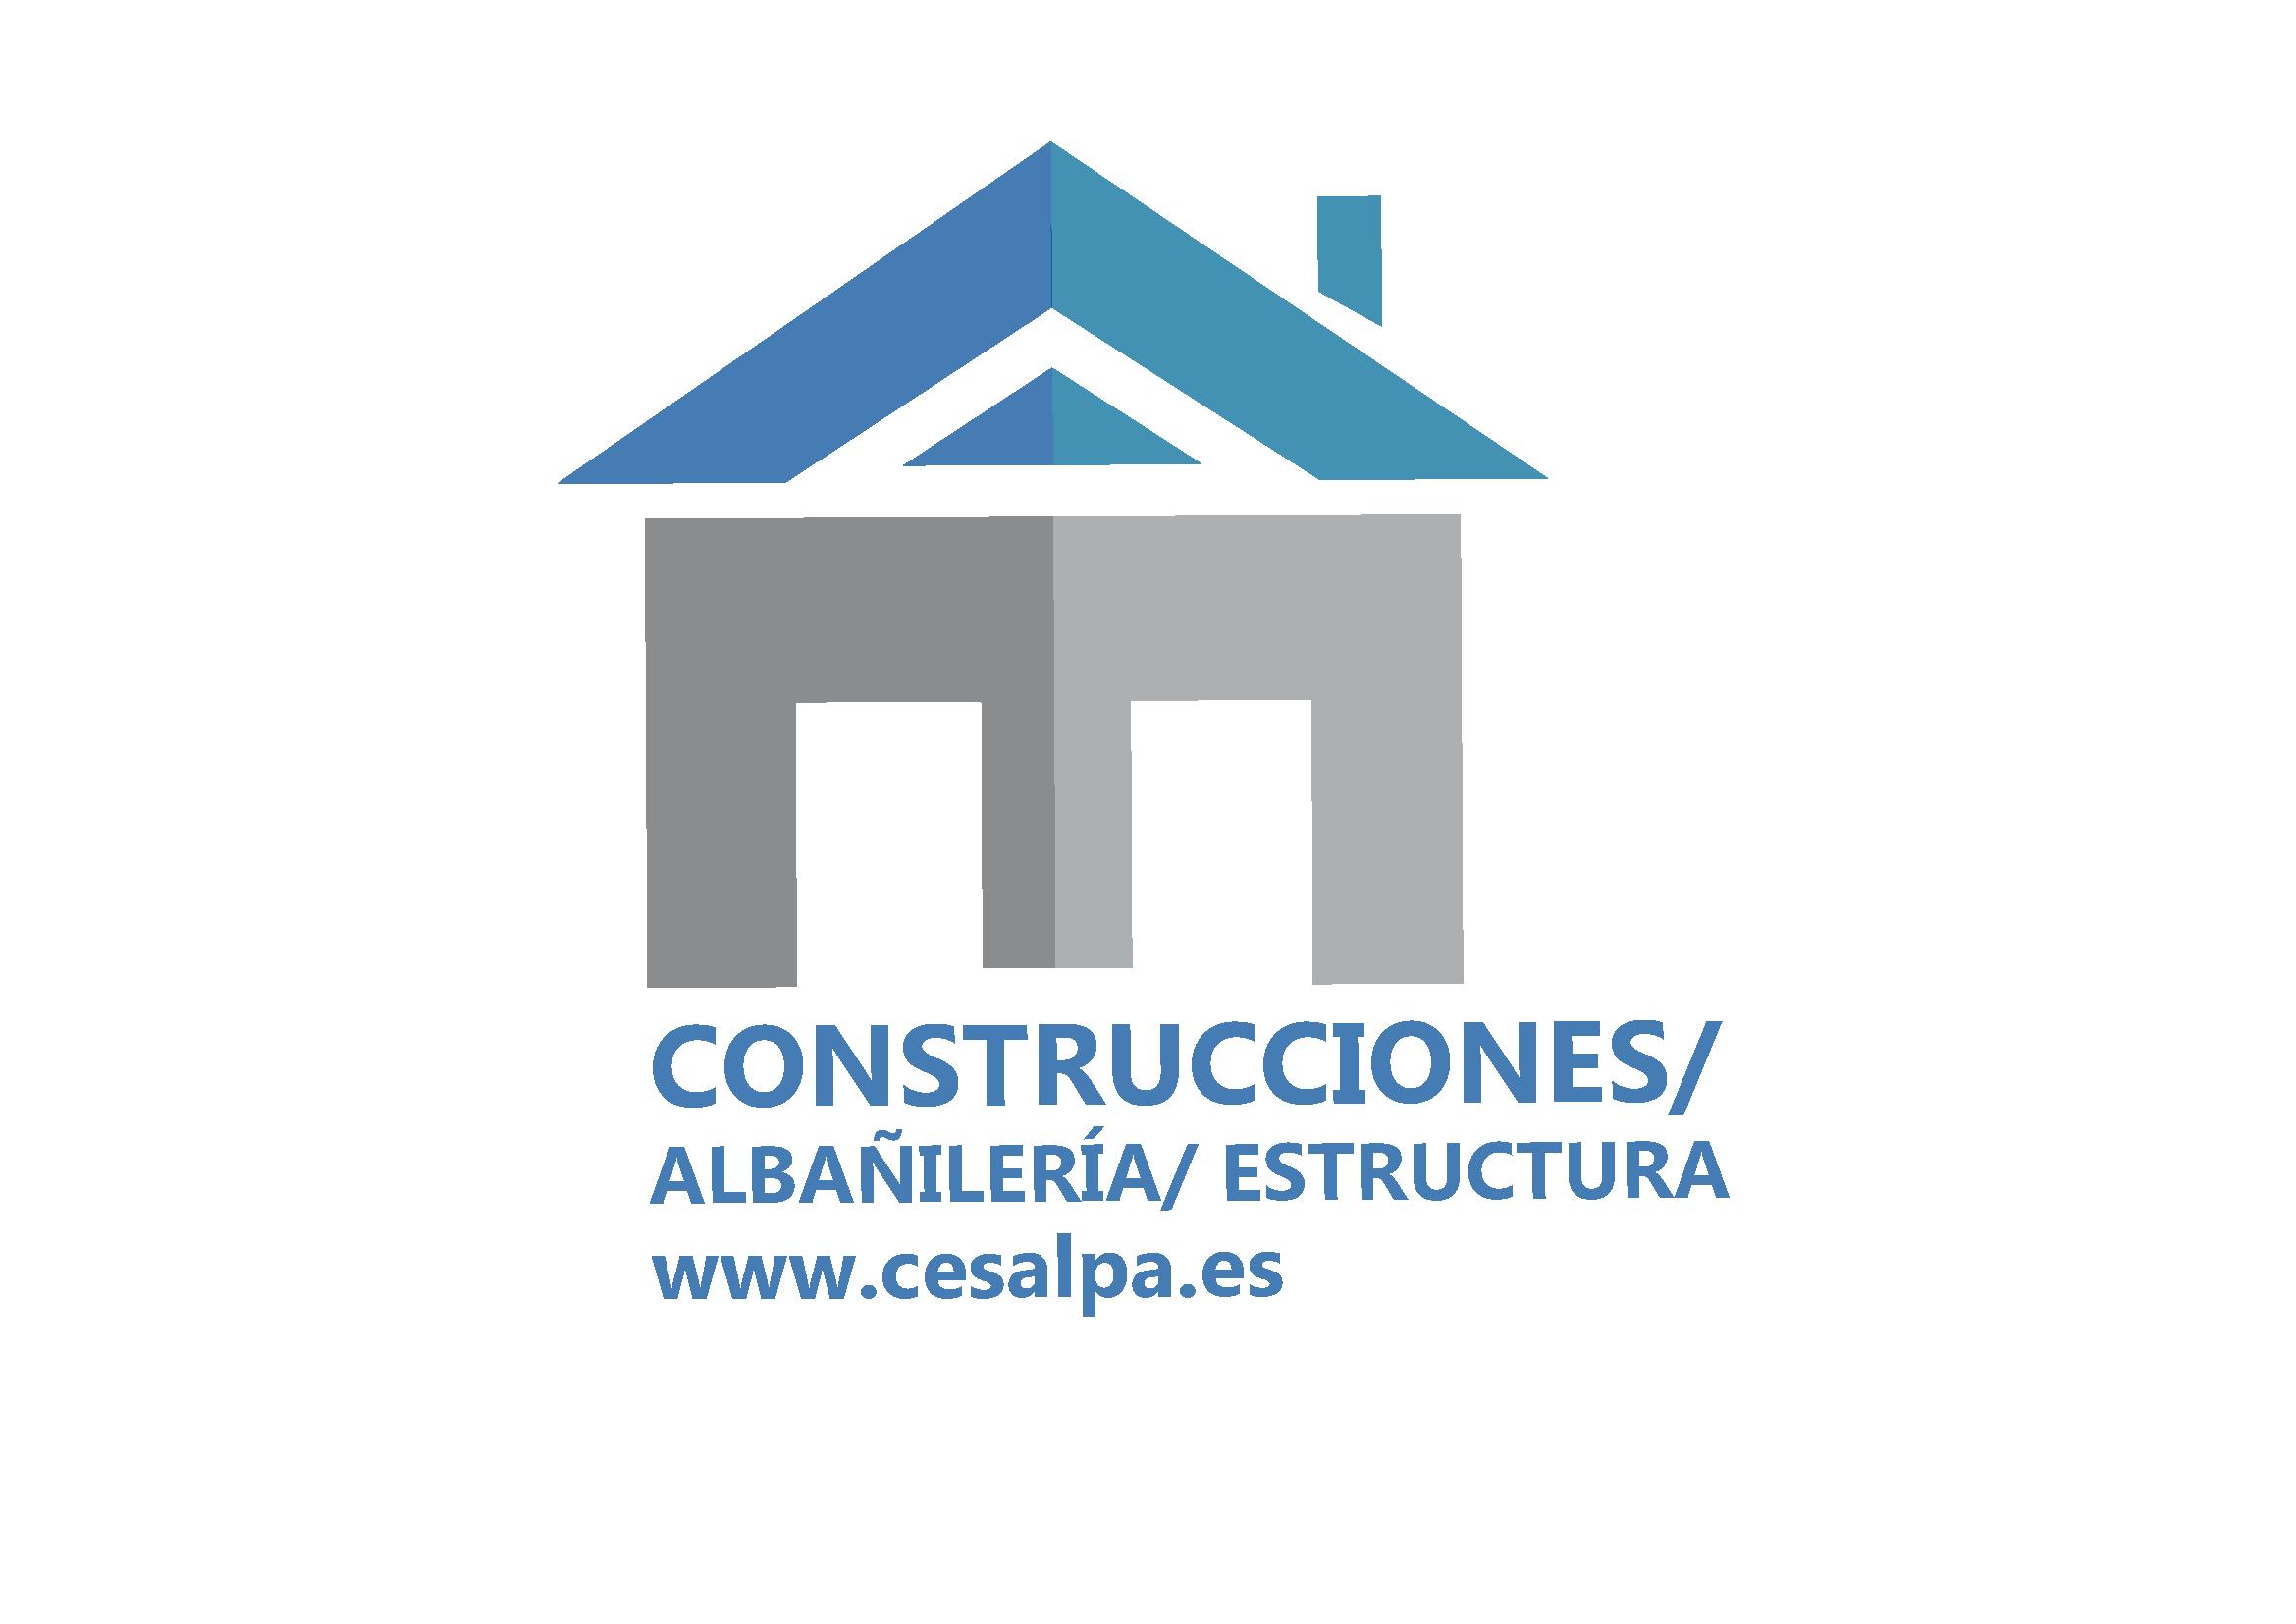 Construcciones Cesalpa SL